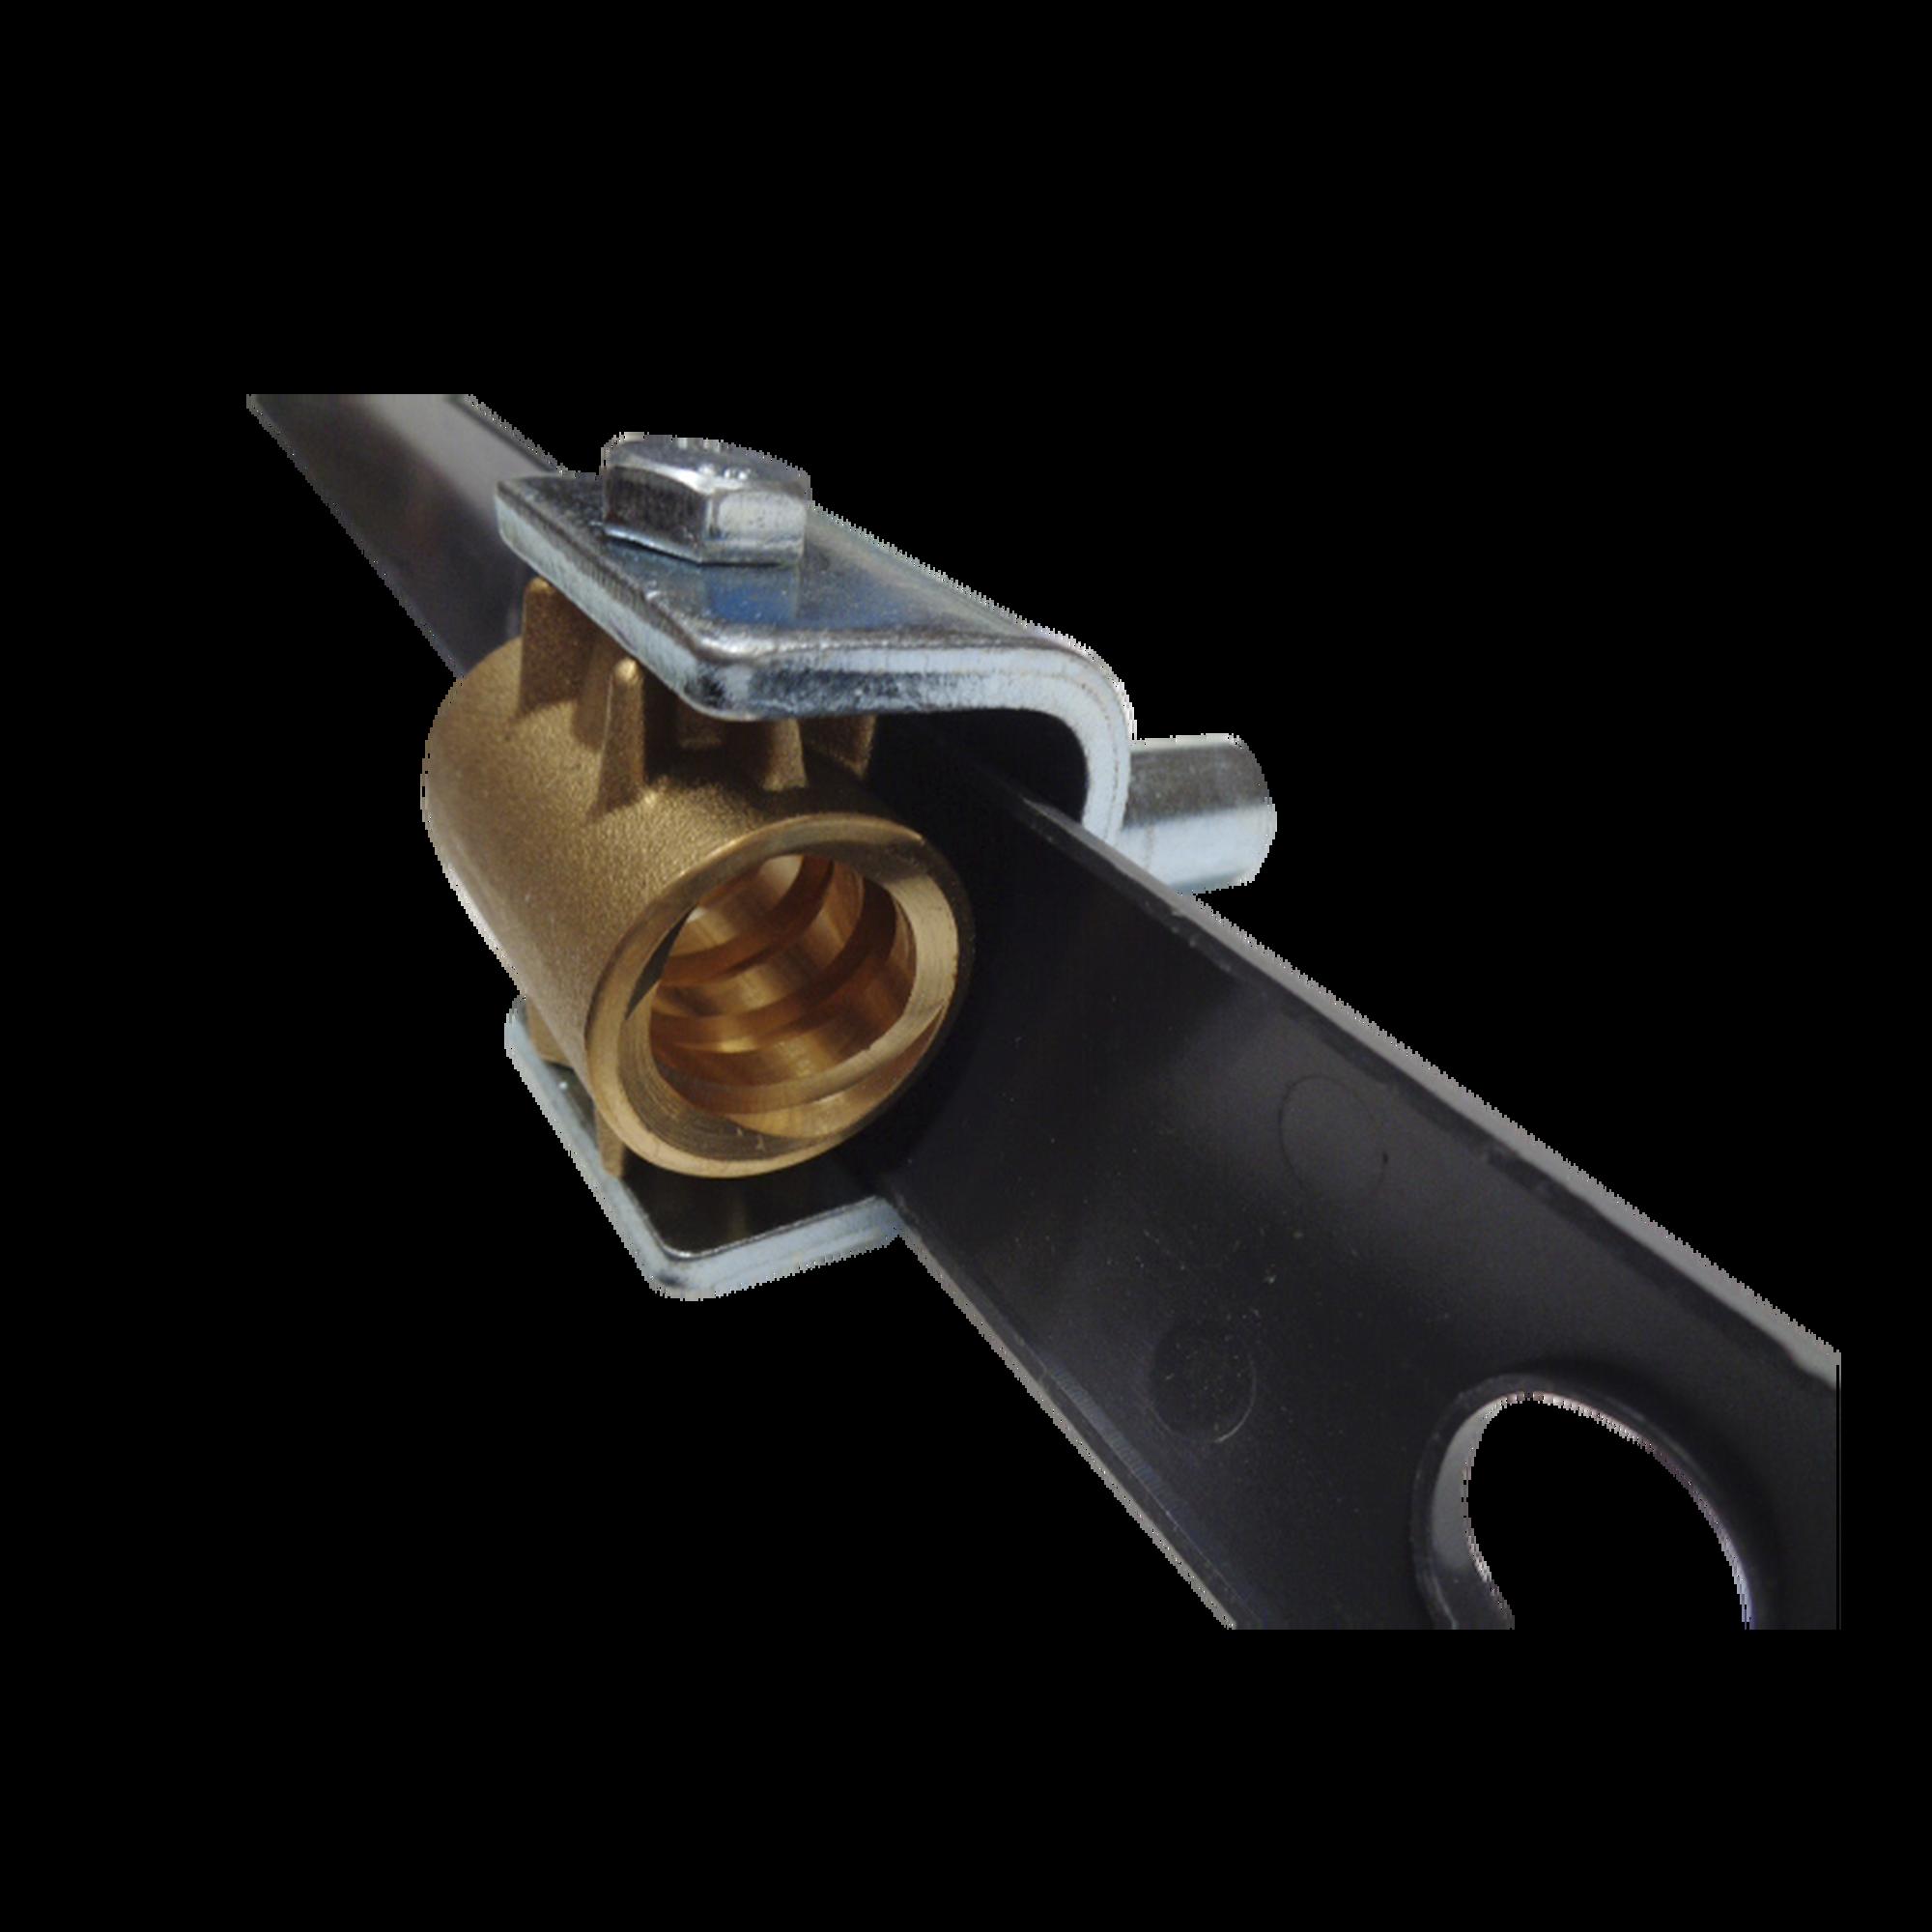 Buje y Cubierta para Sin Fin para brazo AXO 001AX5024